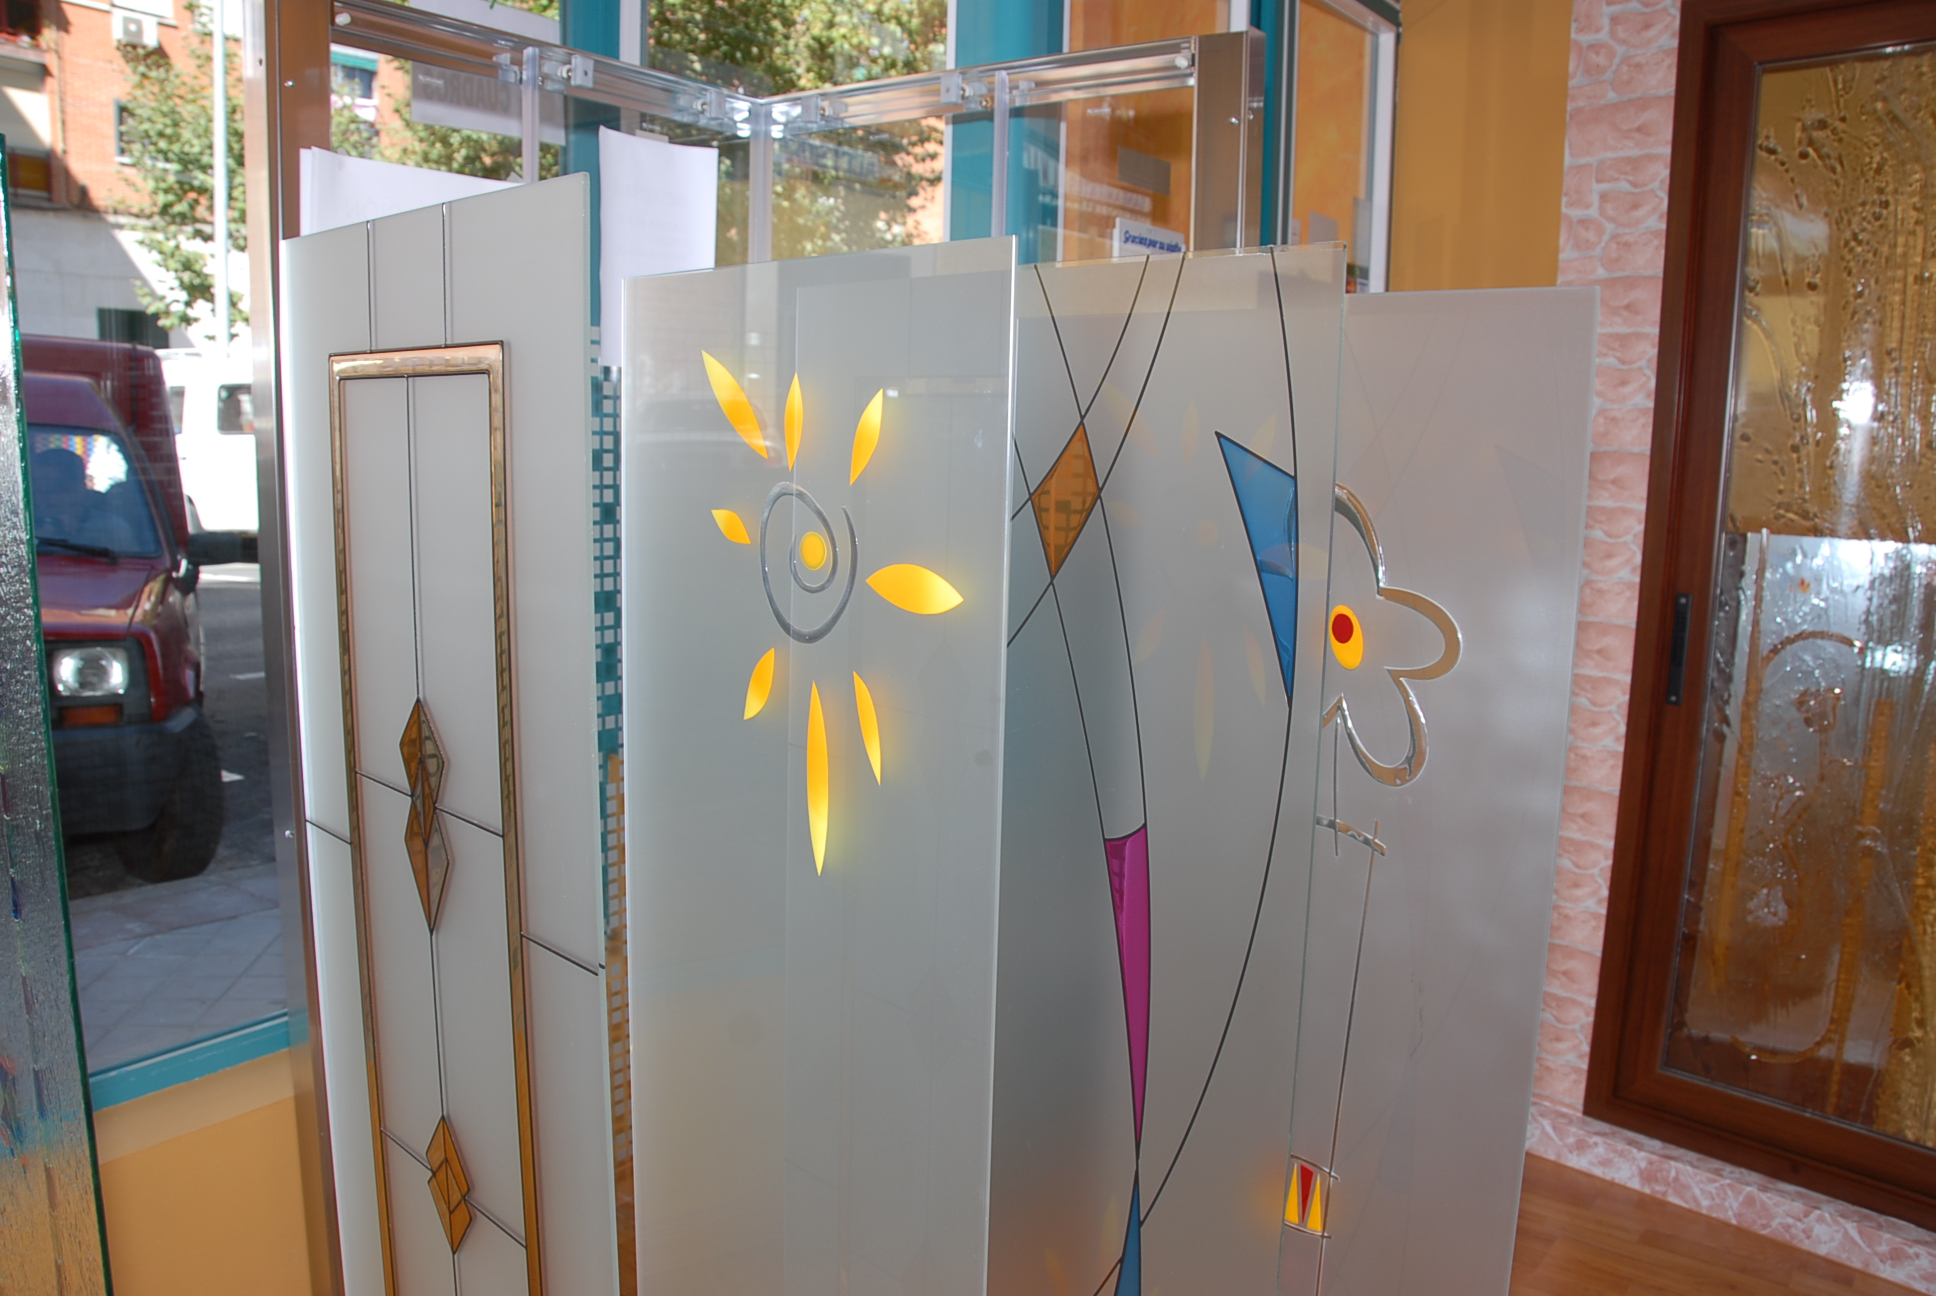 Comprar e instalar puertas de cristales al mejor precio en - Puertas interior cristal ...